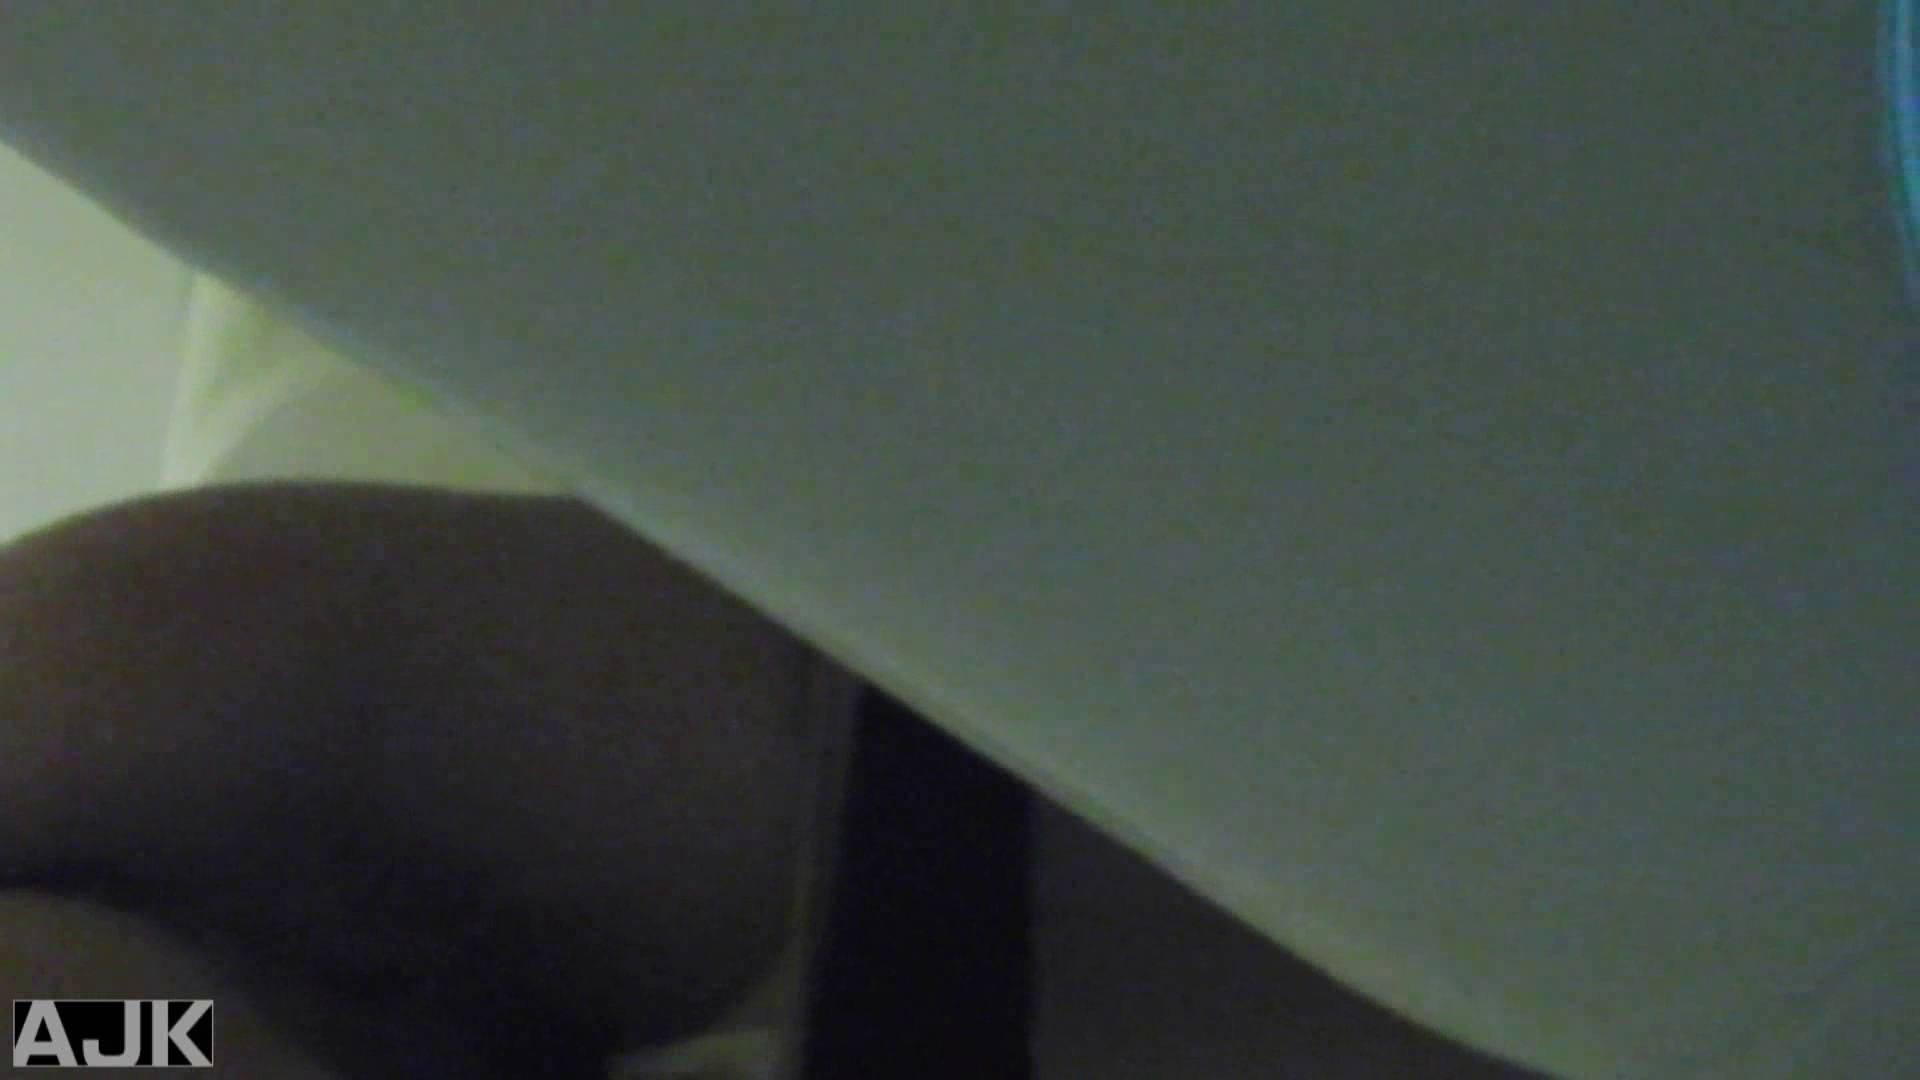 隣国上階級エリアの令嬢たちが集うデパートお手洗い Vol.23 お嬢様のエロ動画 | 便所の中まで  76枚 1